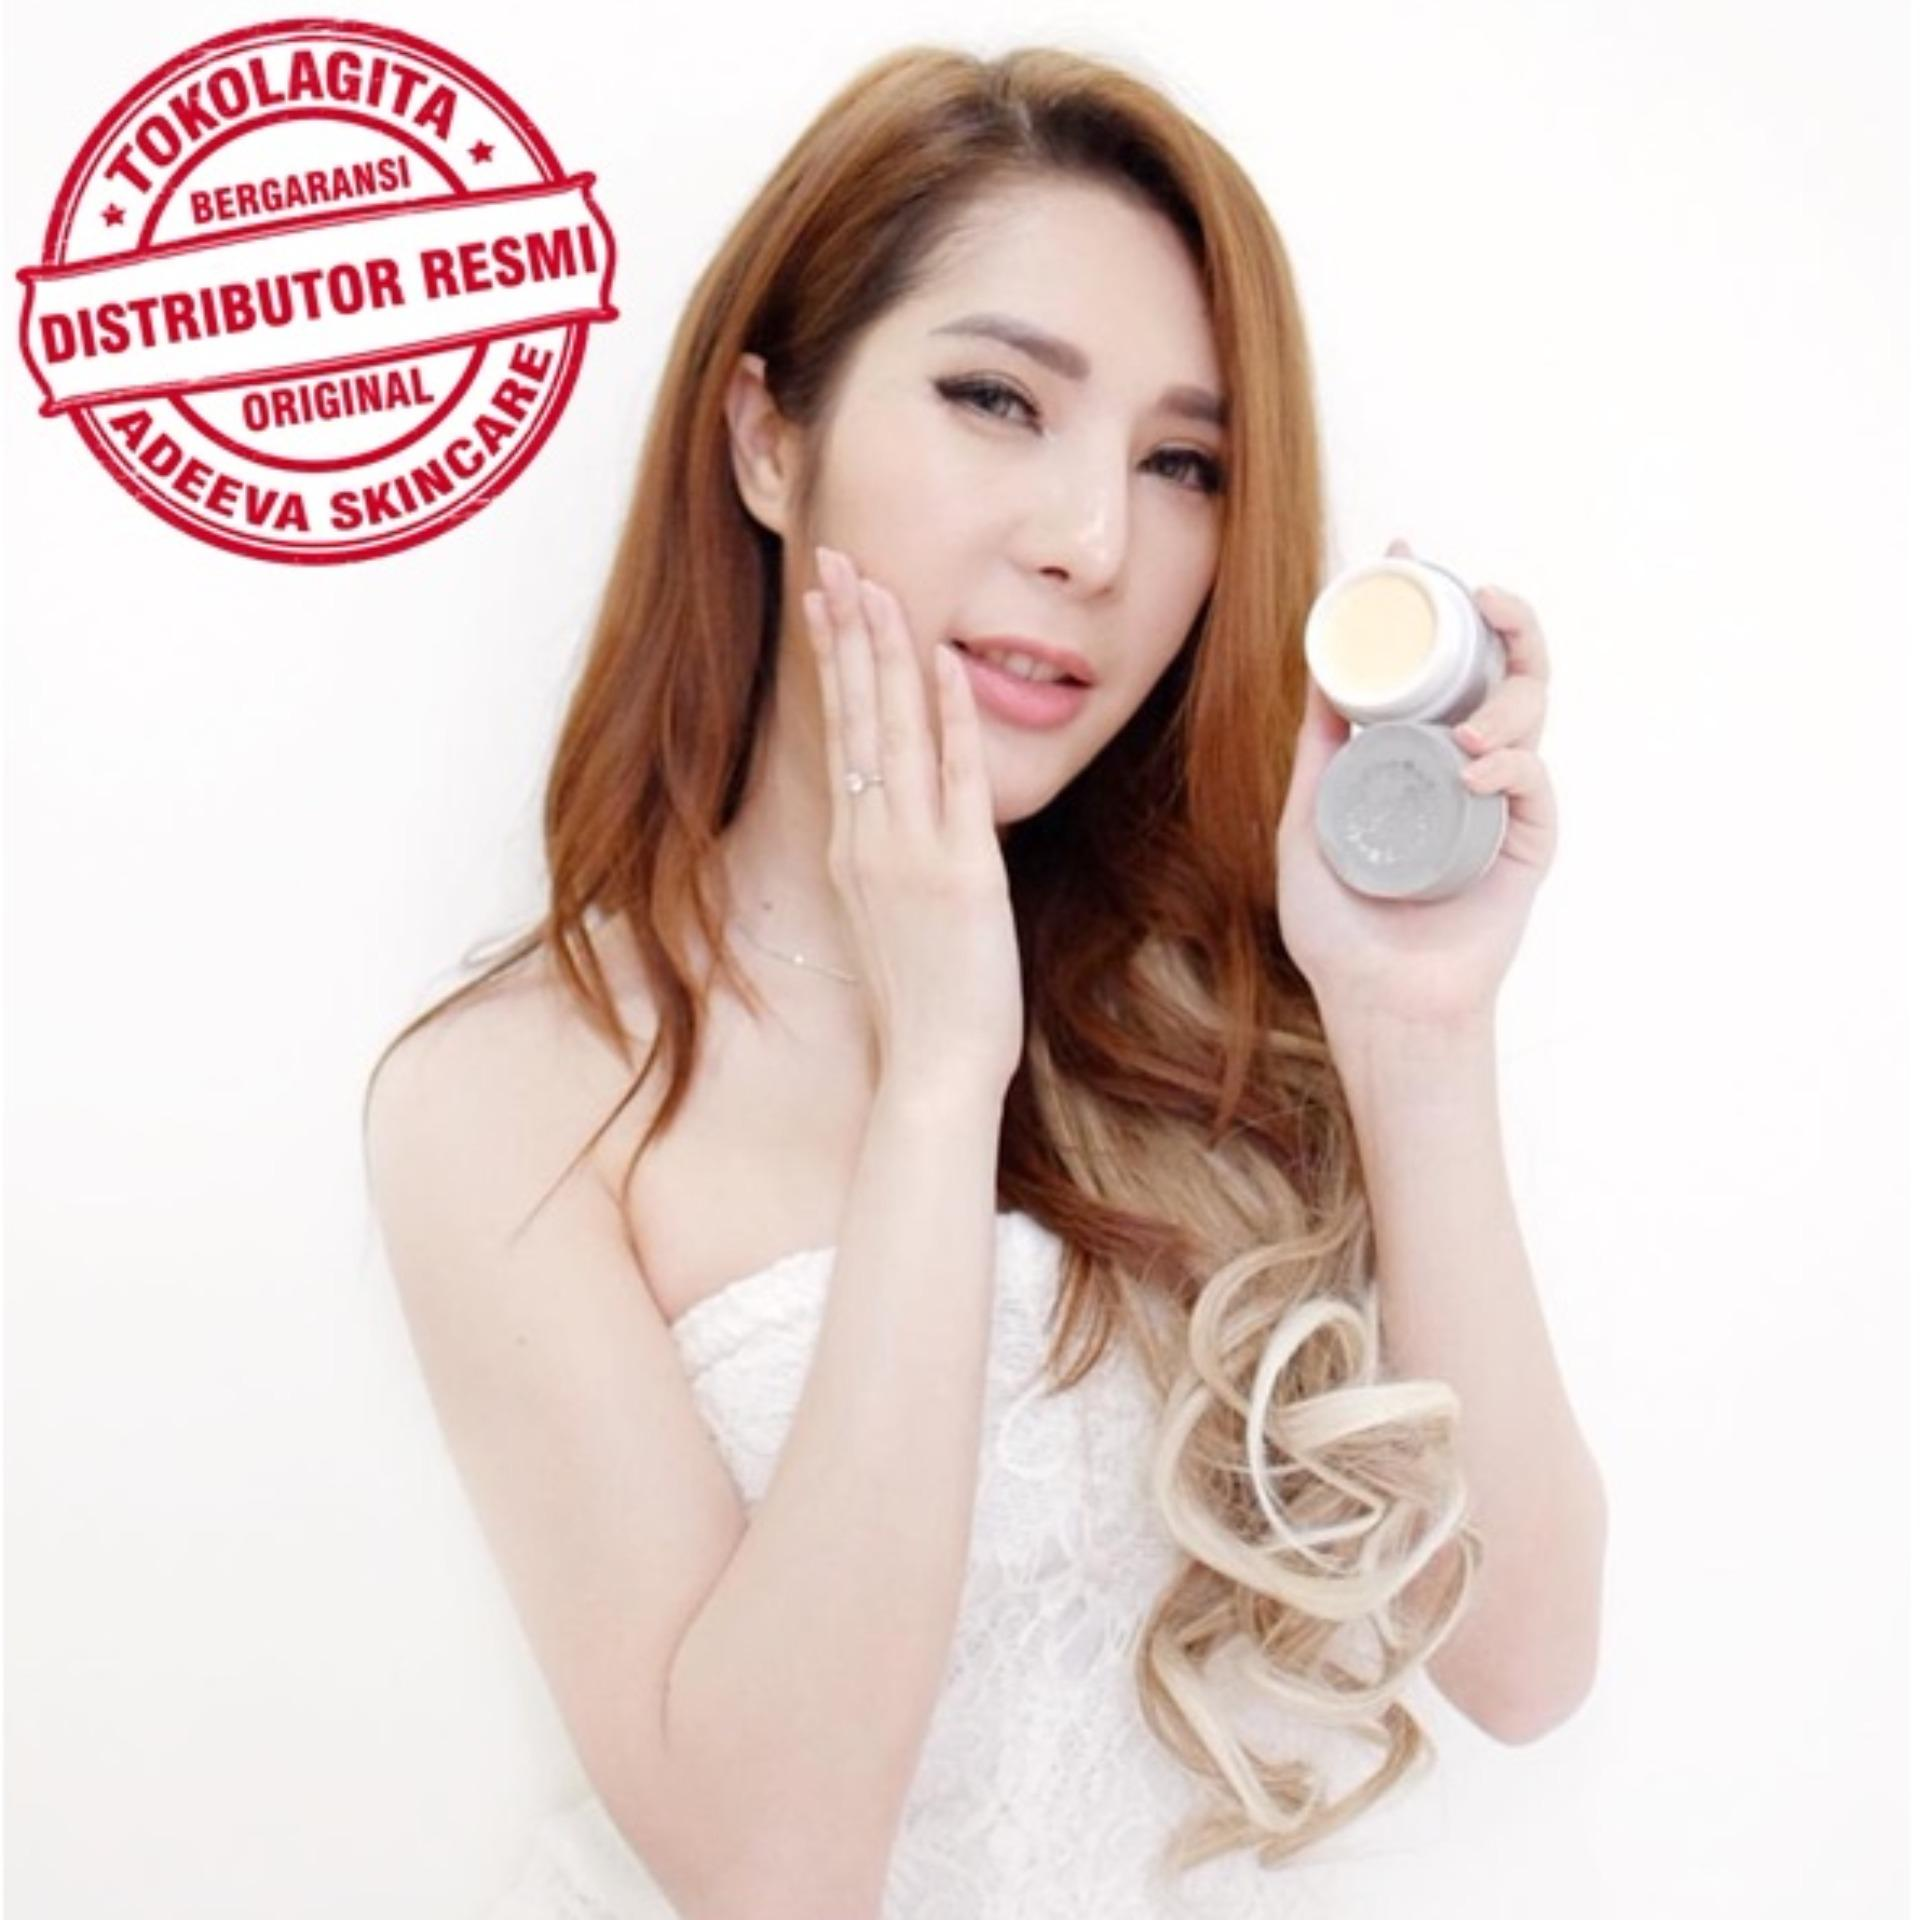 Adeeva Night Cream Whitening Update Daftar Harga Terbaru Calm Skincare Atau Calming Gel Adeevaskincare Dan Day 2 Pcs